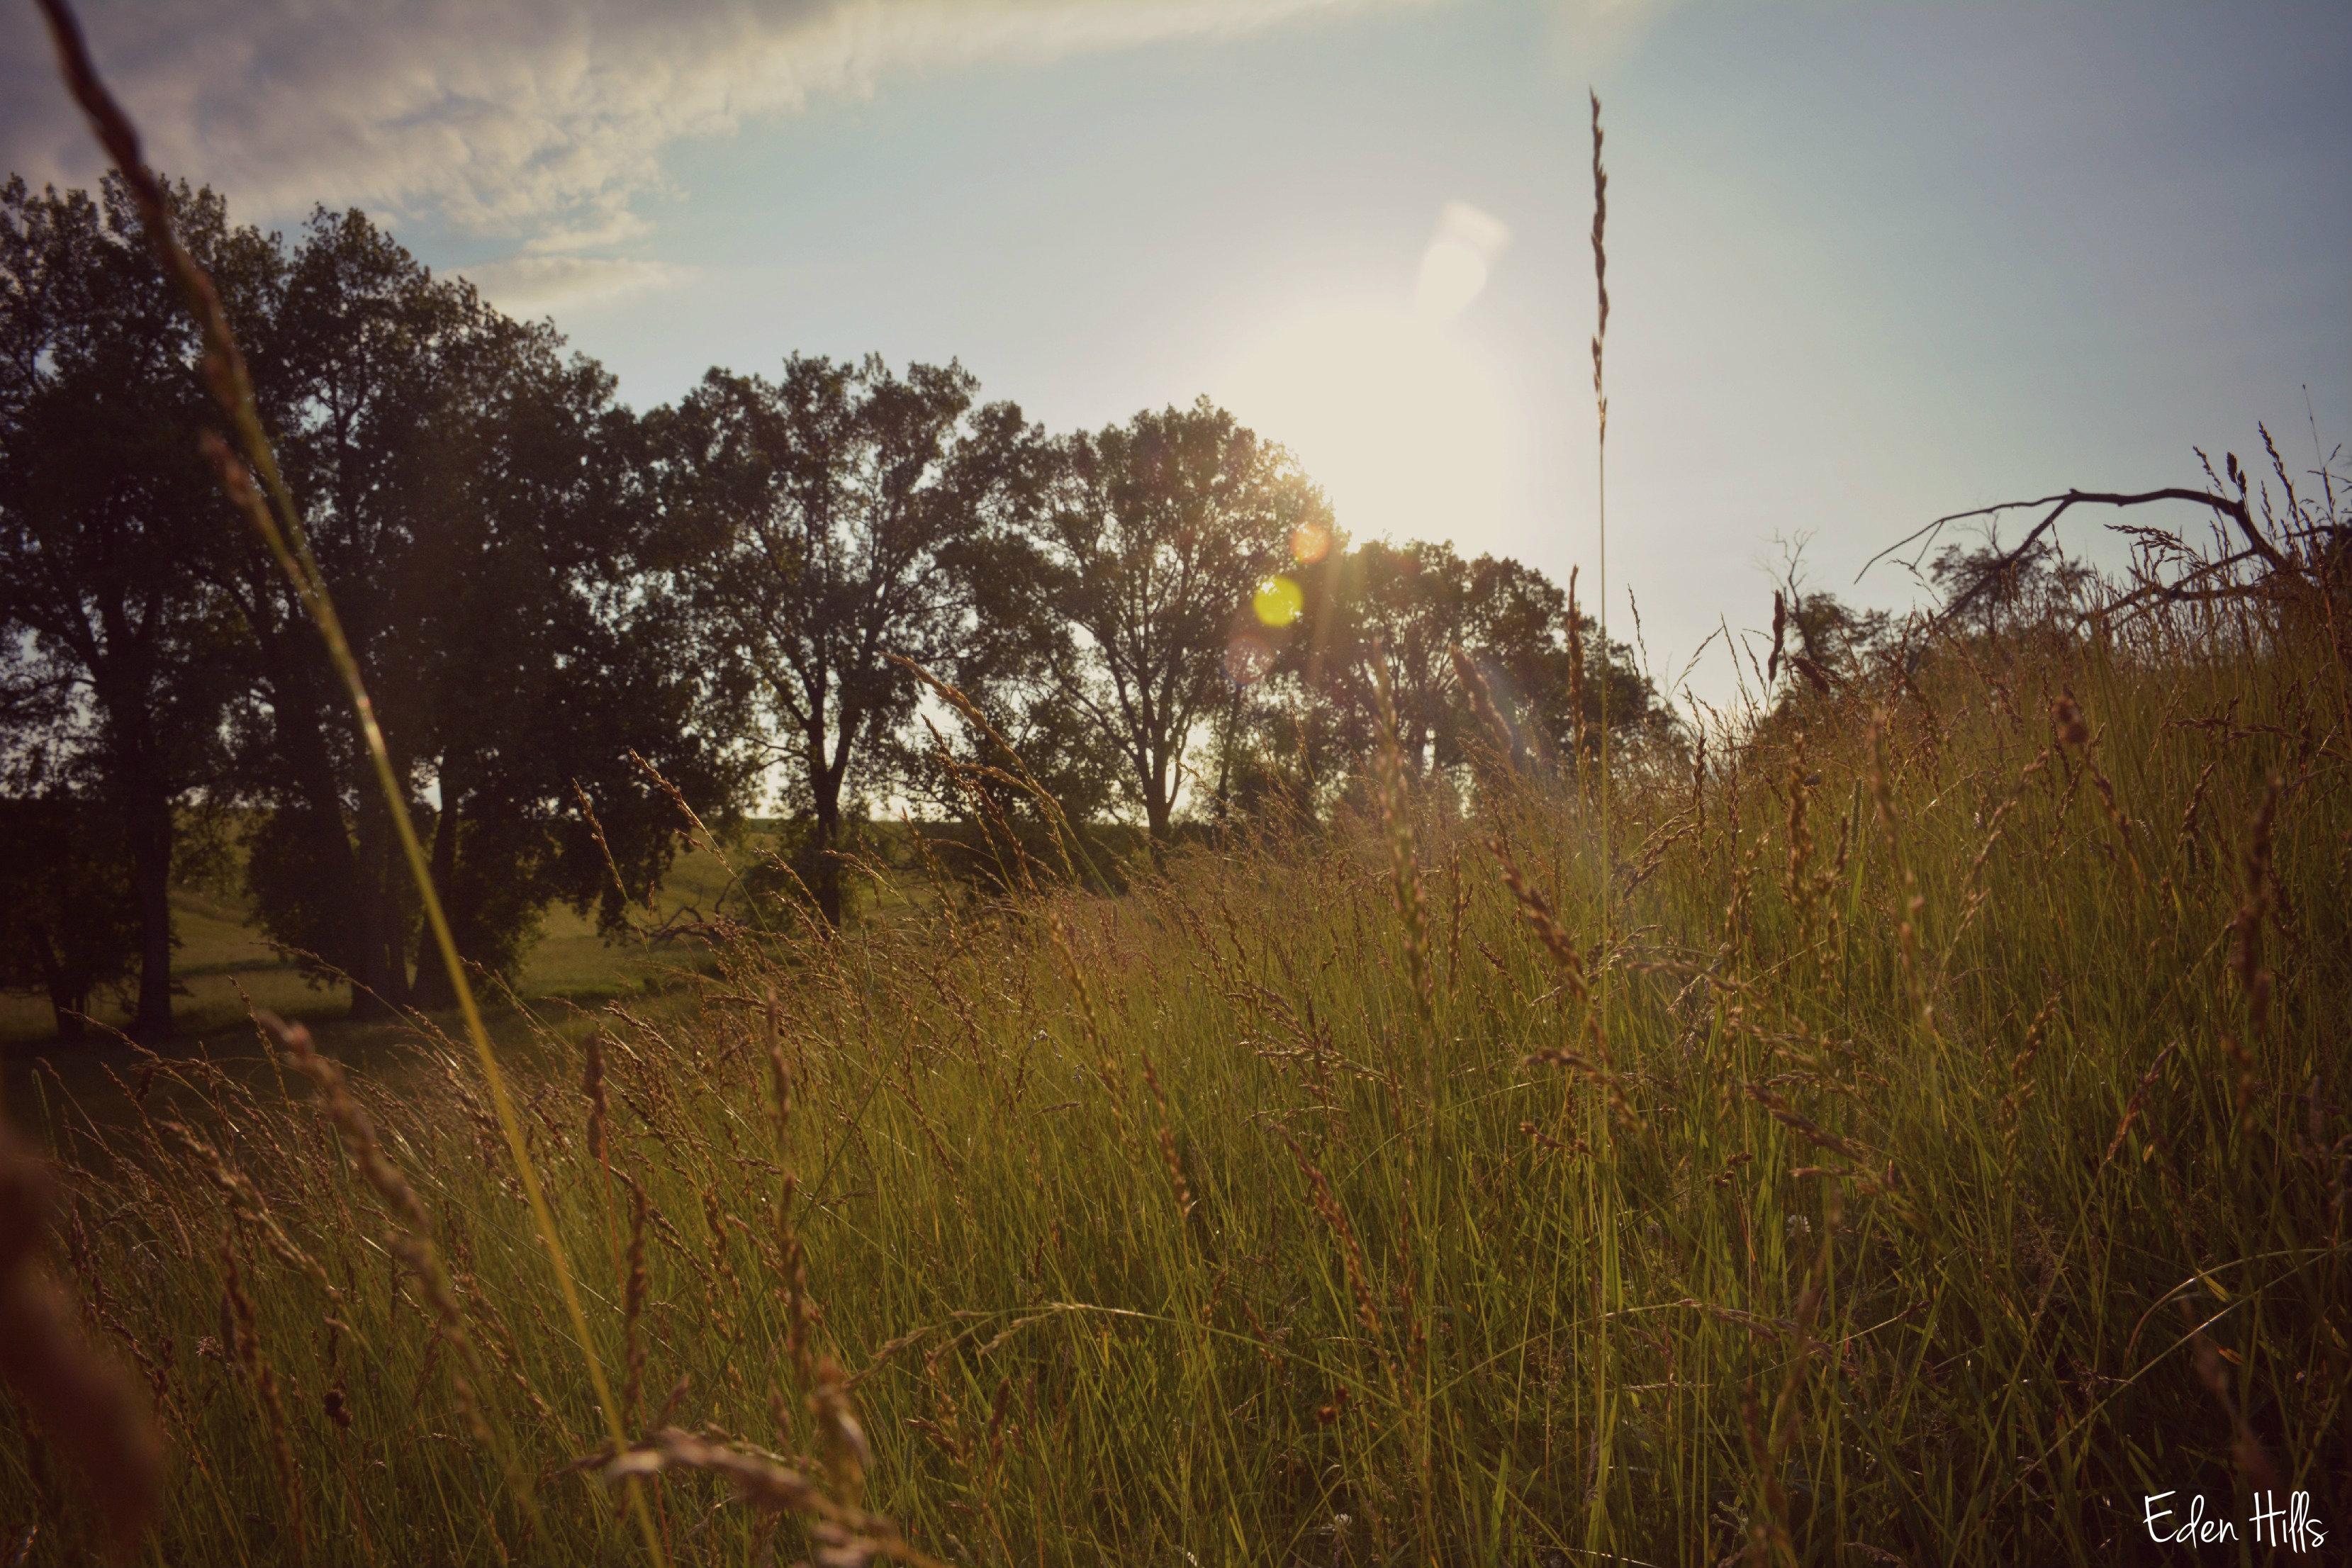 Evening eden hills for Eden hill walk in